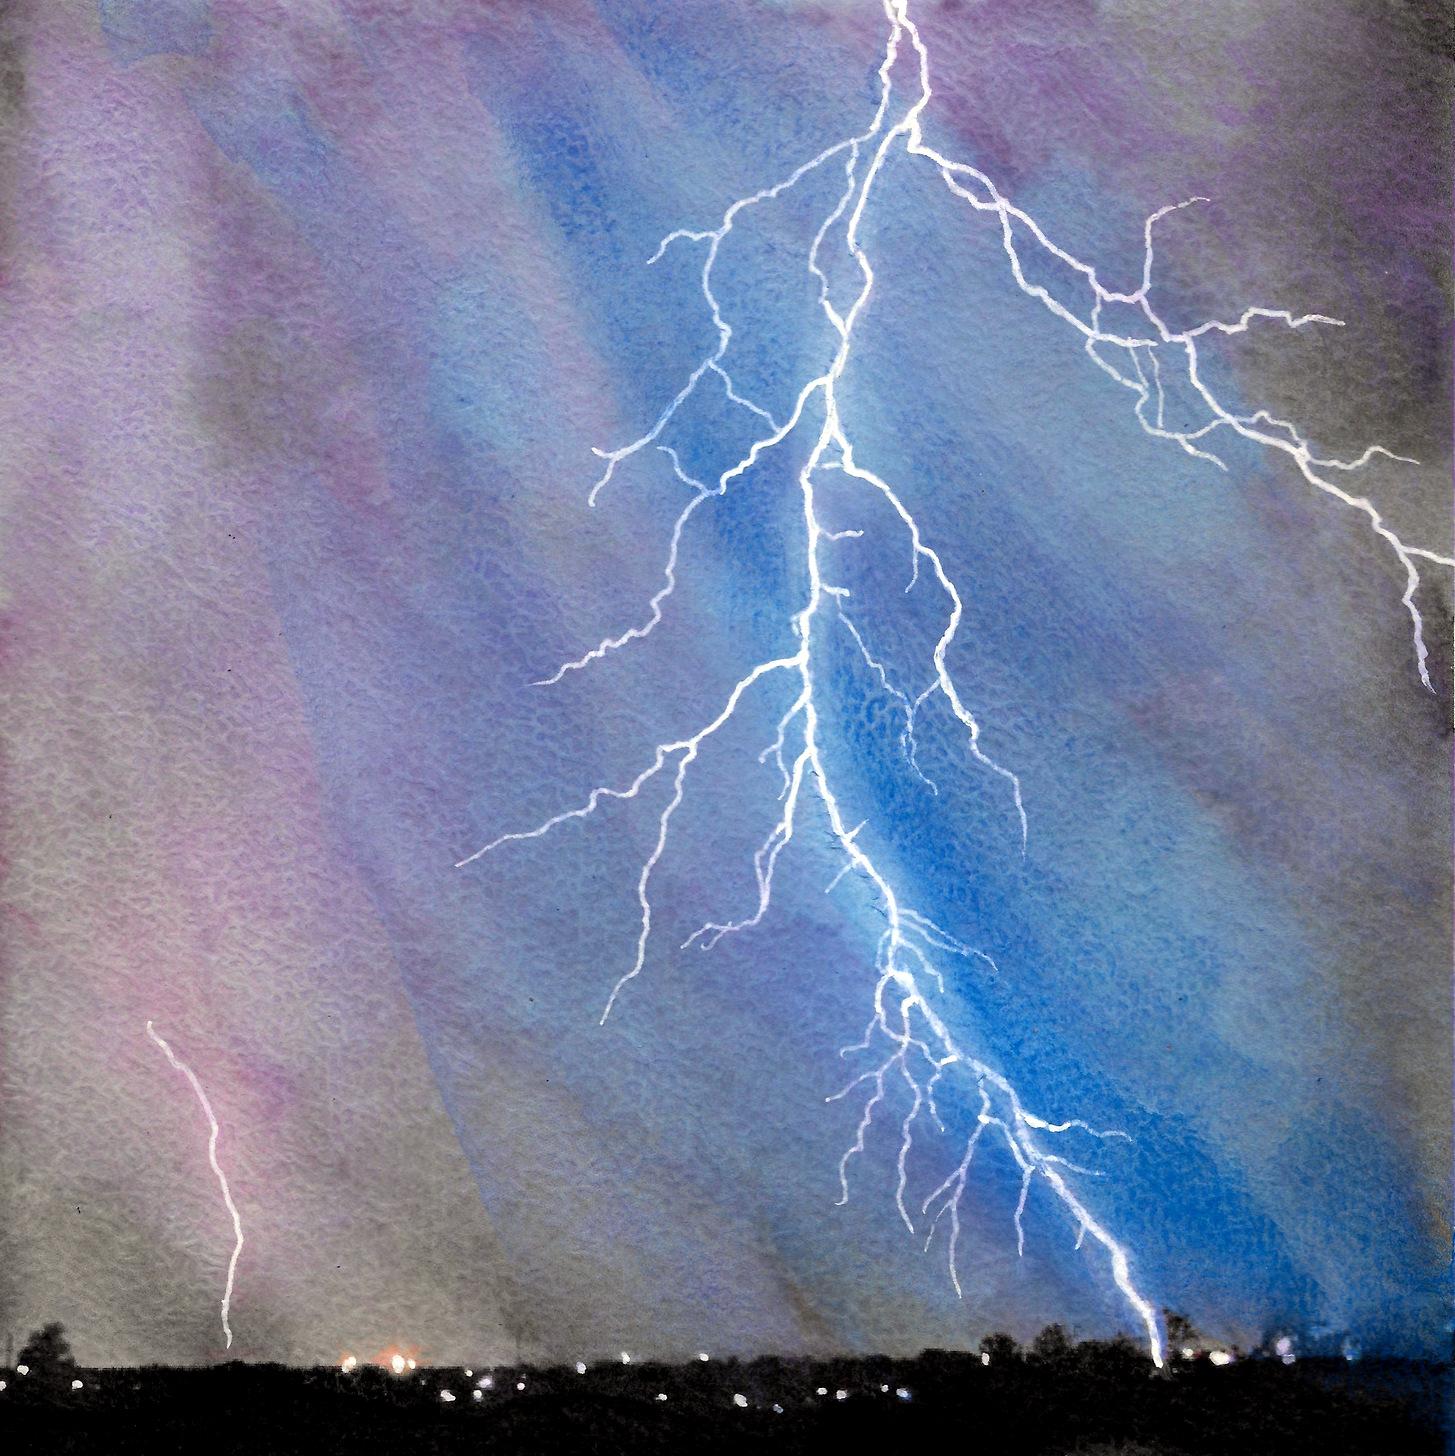 Bliksemcarrière, Lightning